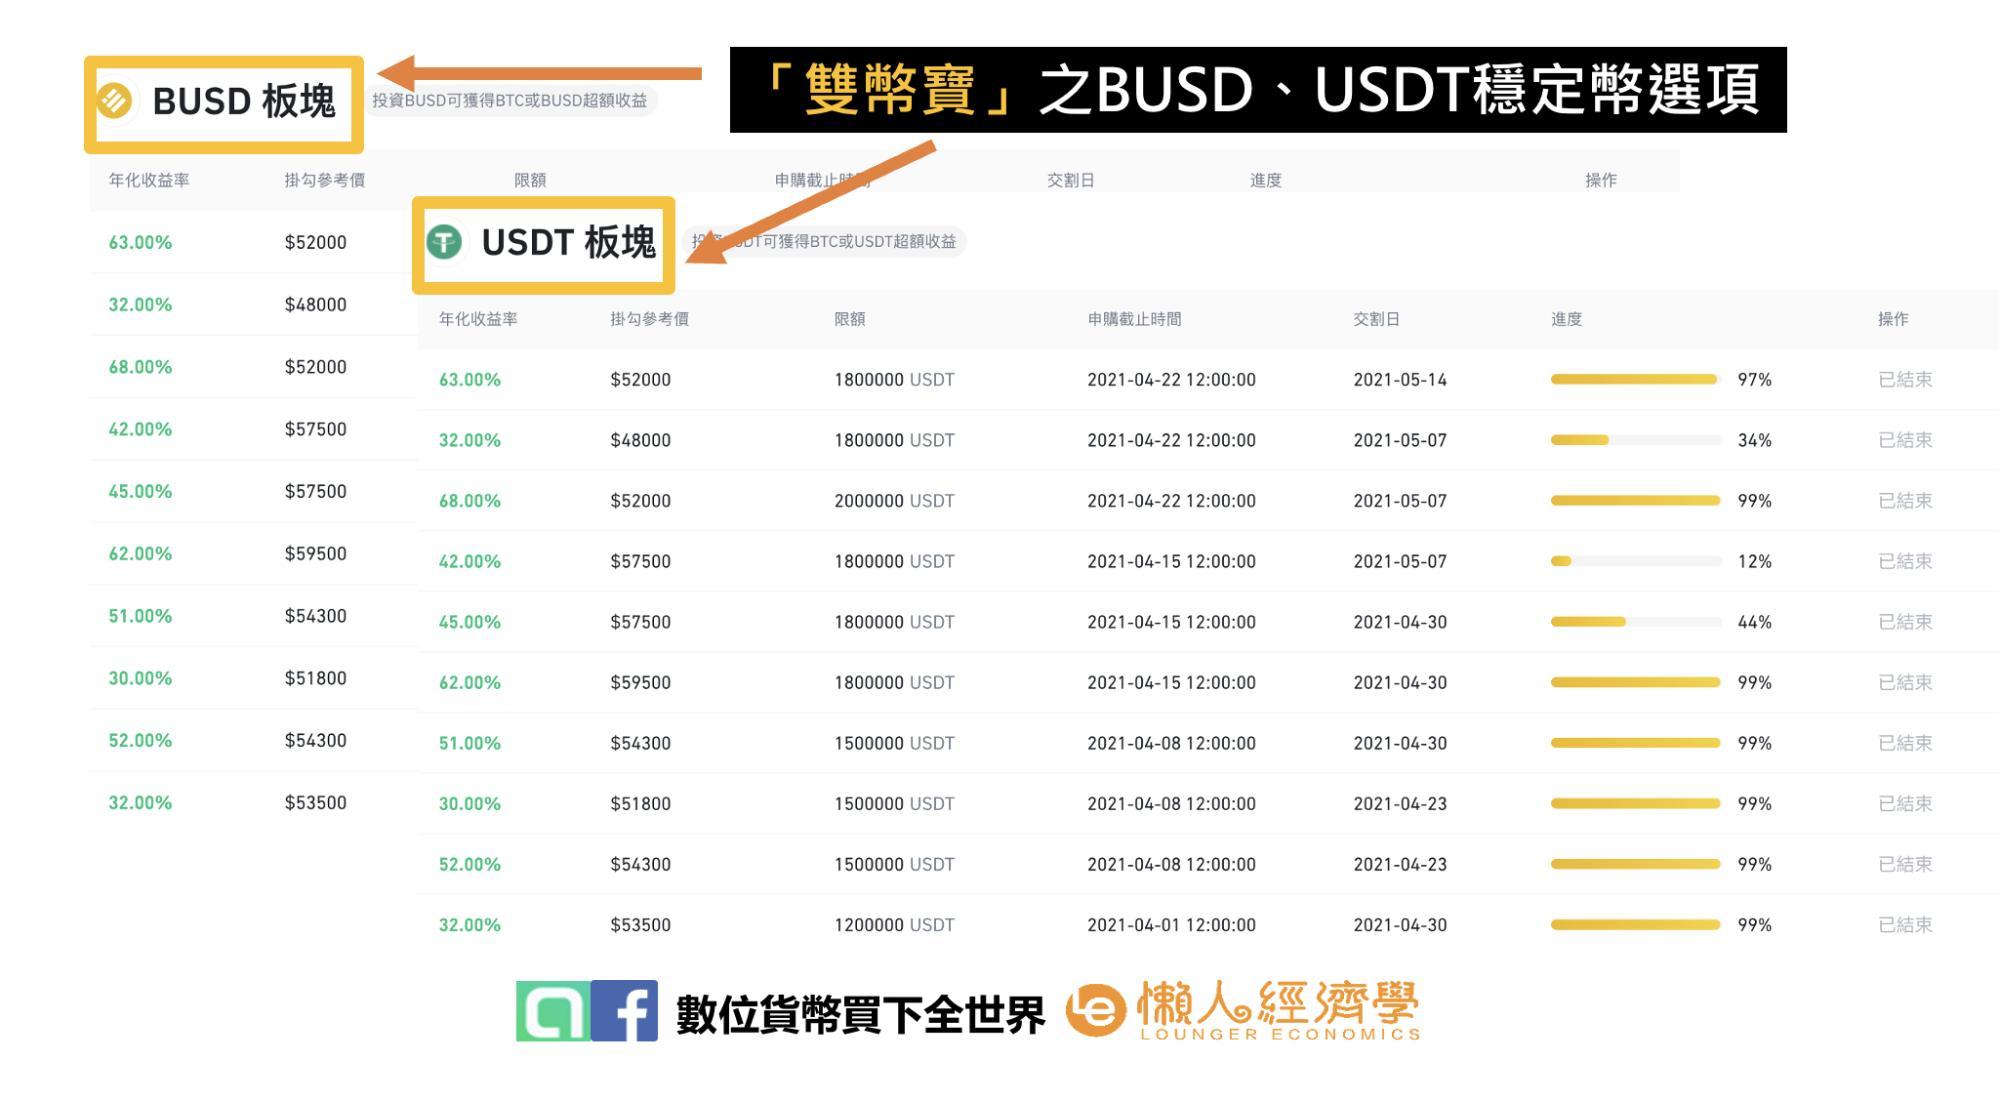 以BUSD、USDT購買之雙幣寶各期產品